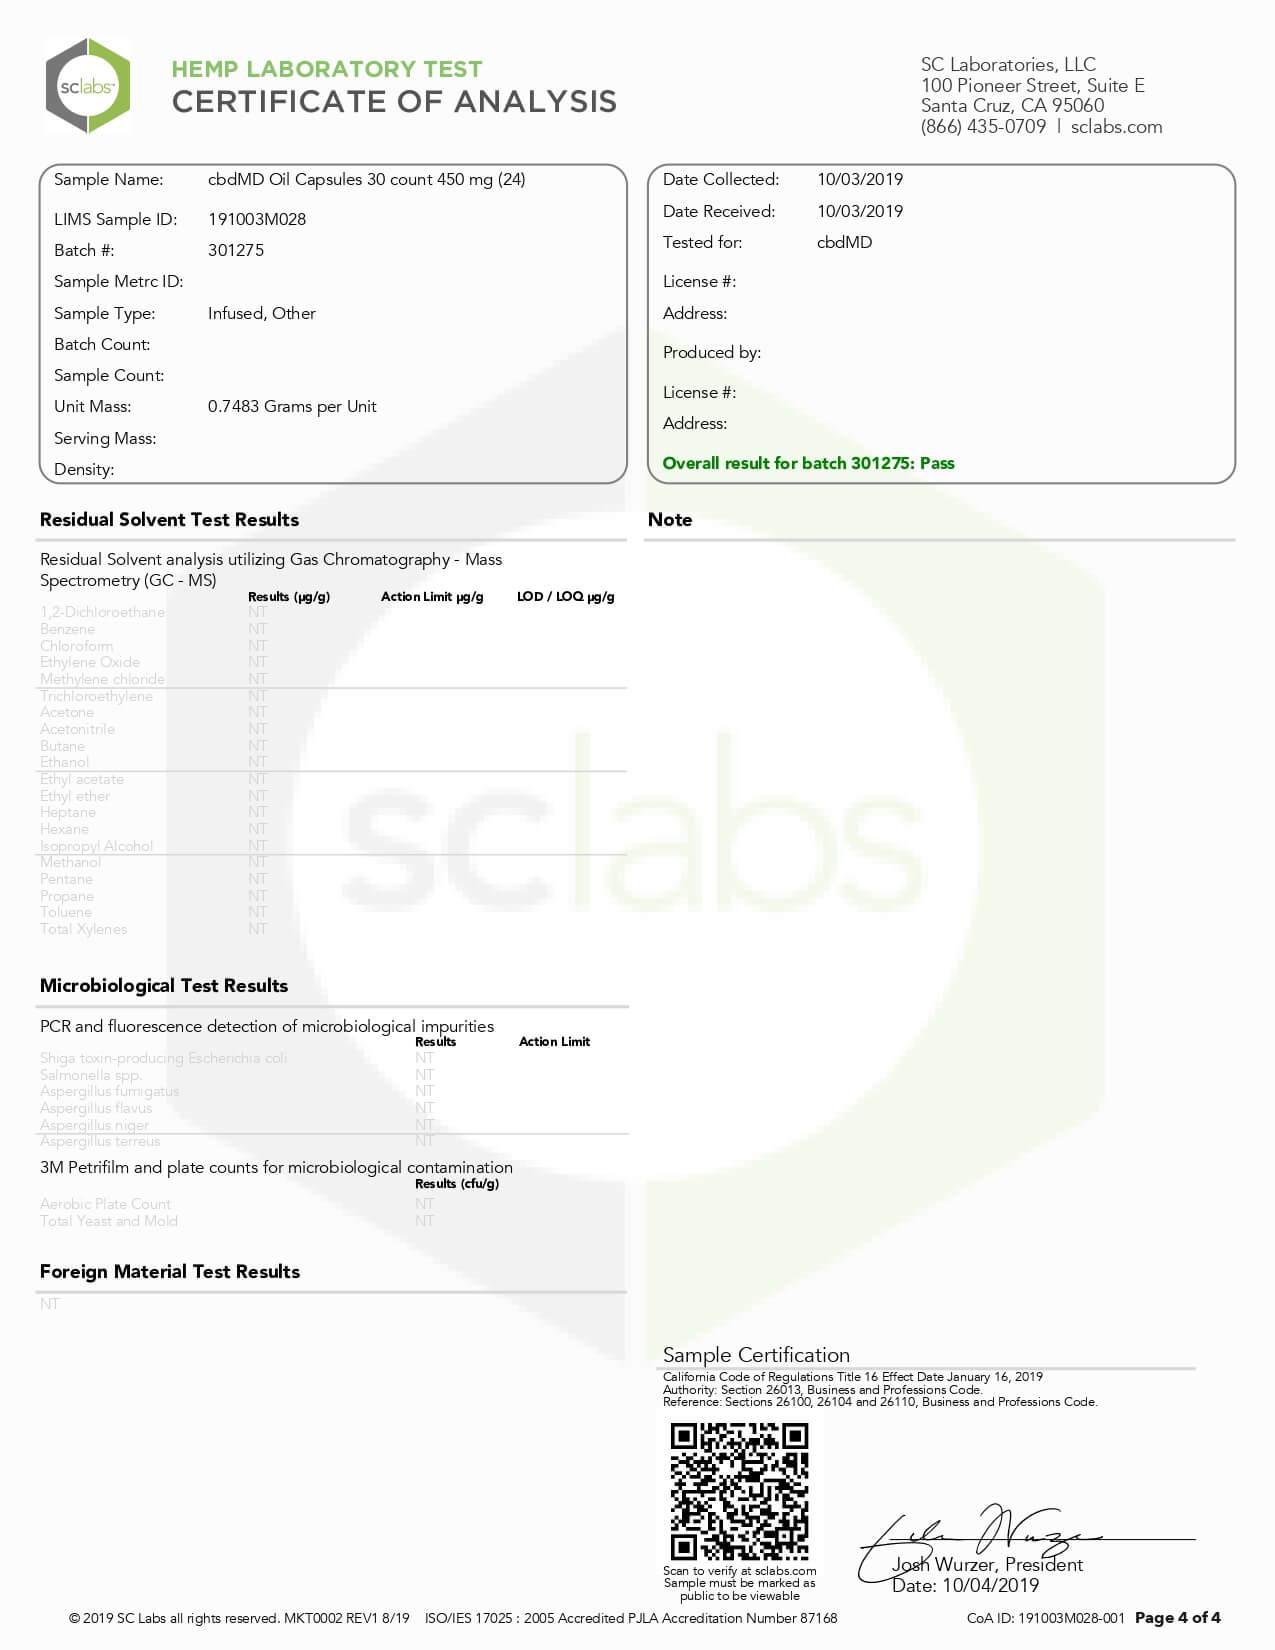 cbdMD CBD Capsules Broad Spectrum Capsules 30ct 450mgLab Report